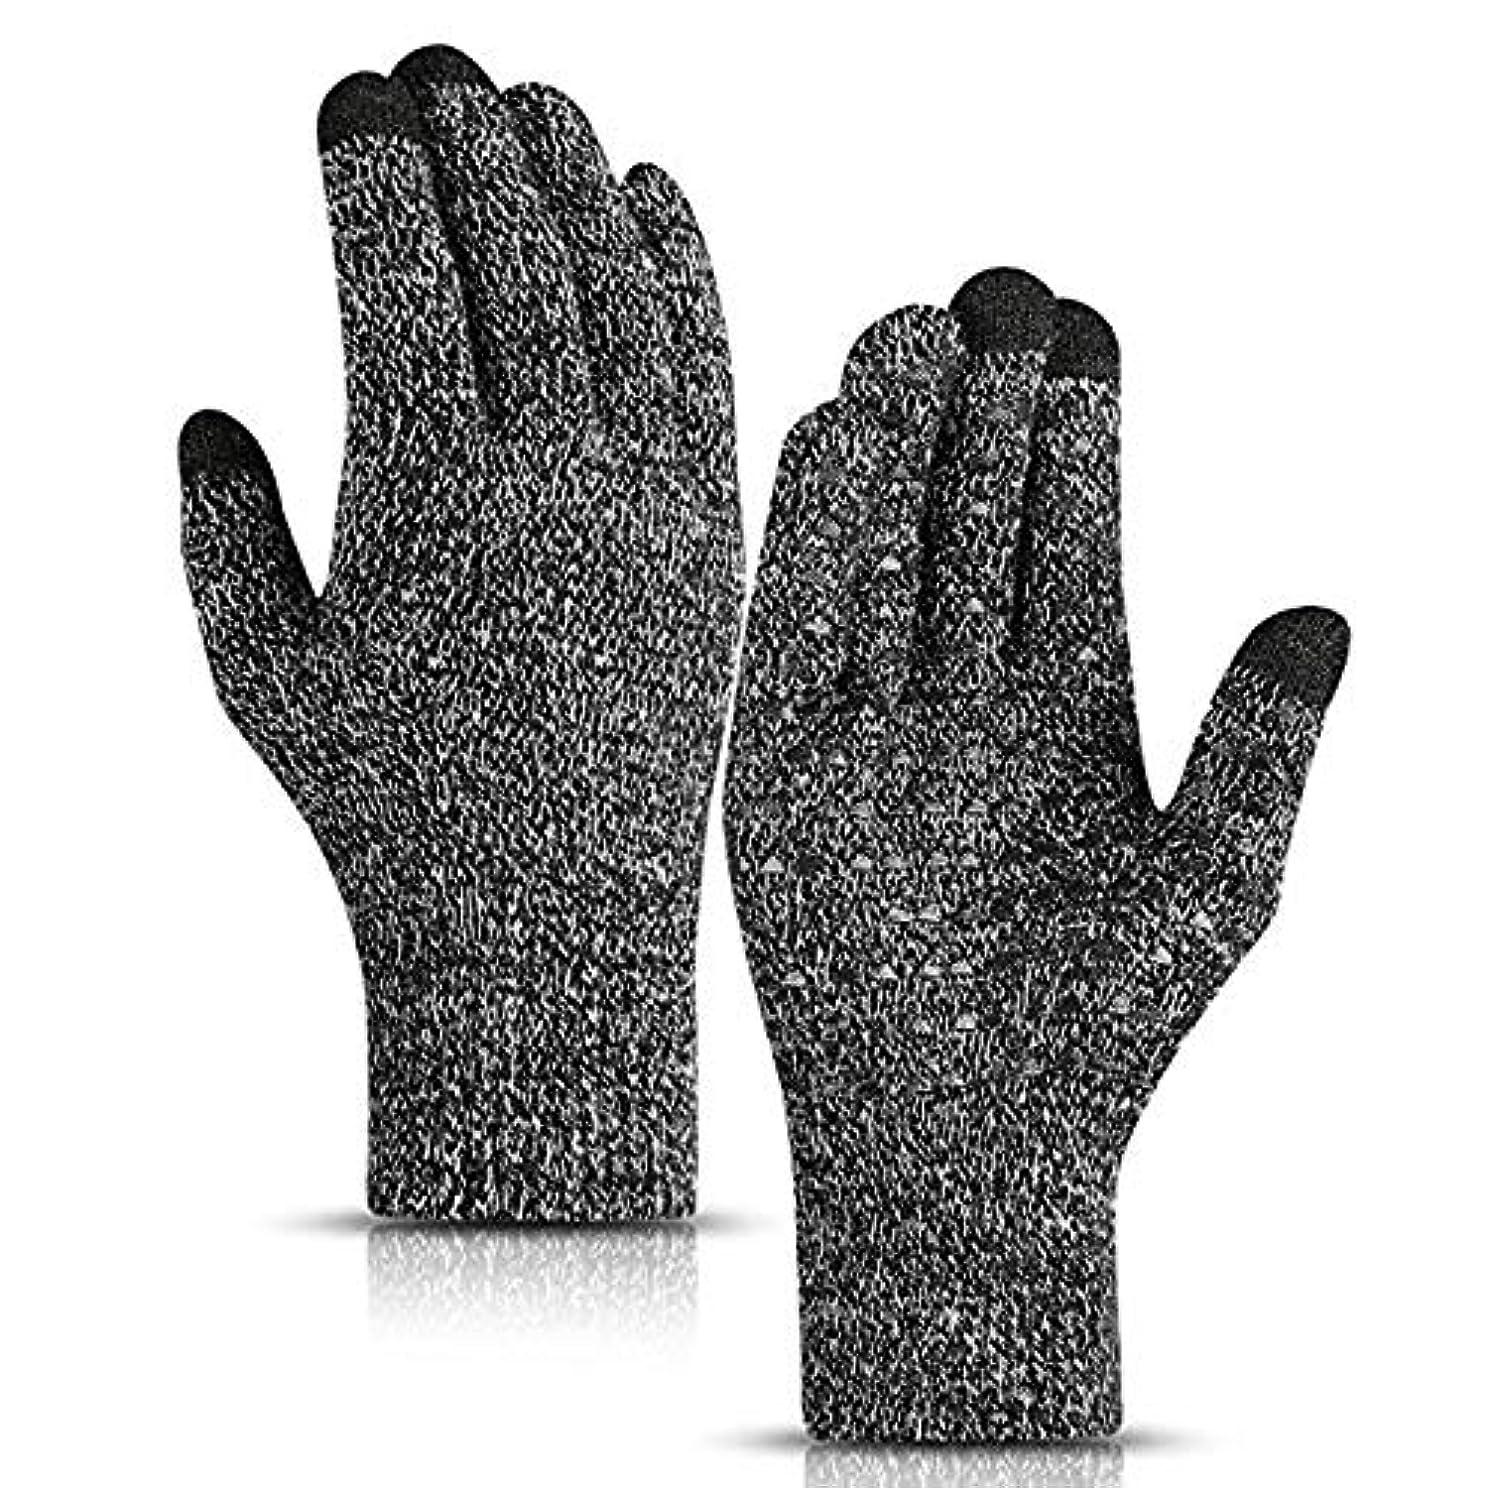 フラップメロドラマ免除する女性男性のための冬の暖かいタッチスクリーン手袋 - トライアングルアンチスリップシリコーンゲル、ニットサーマルソフトライニング&伸縮性カフ